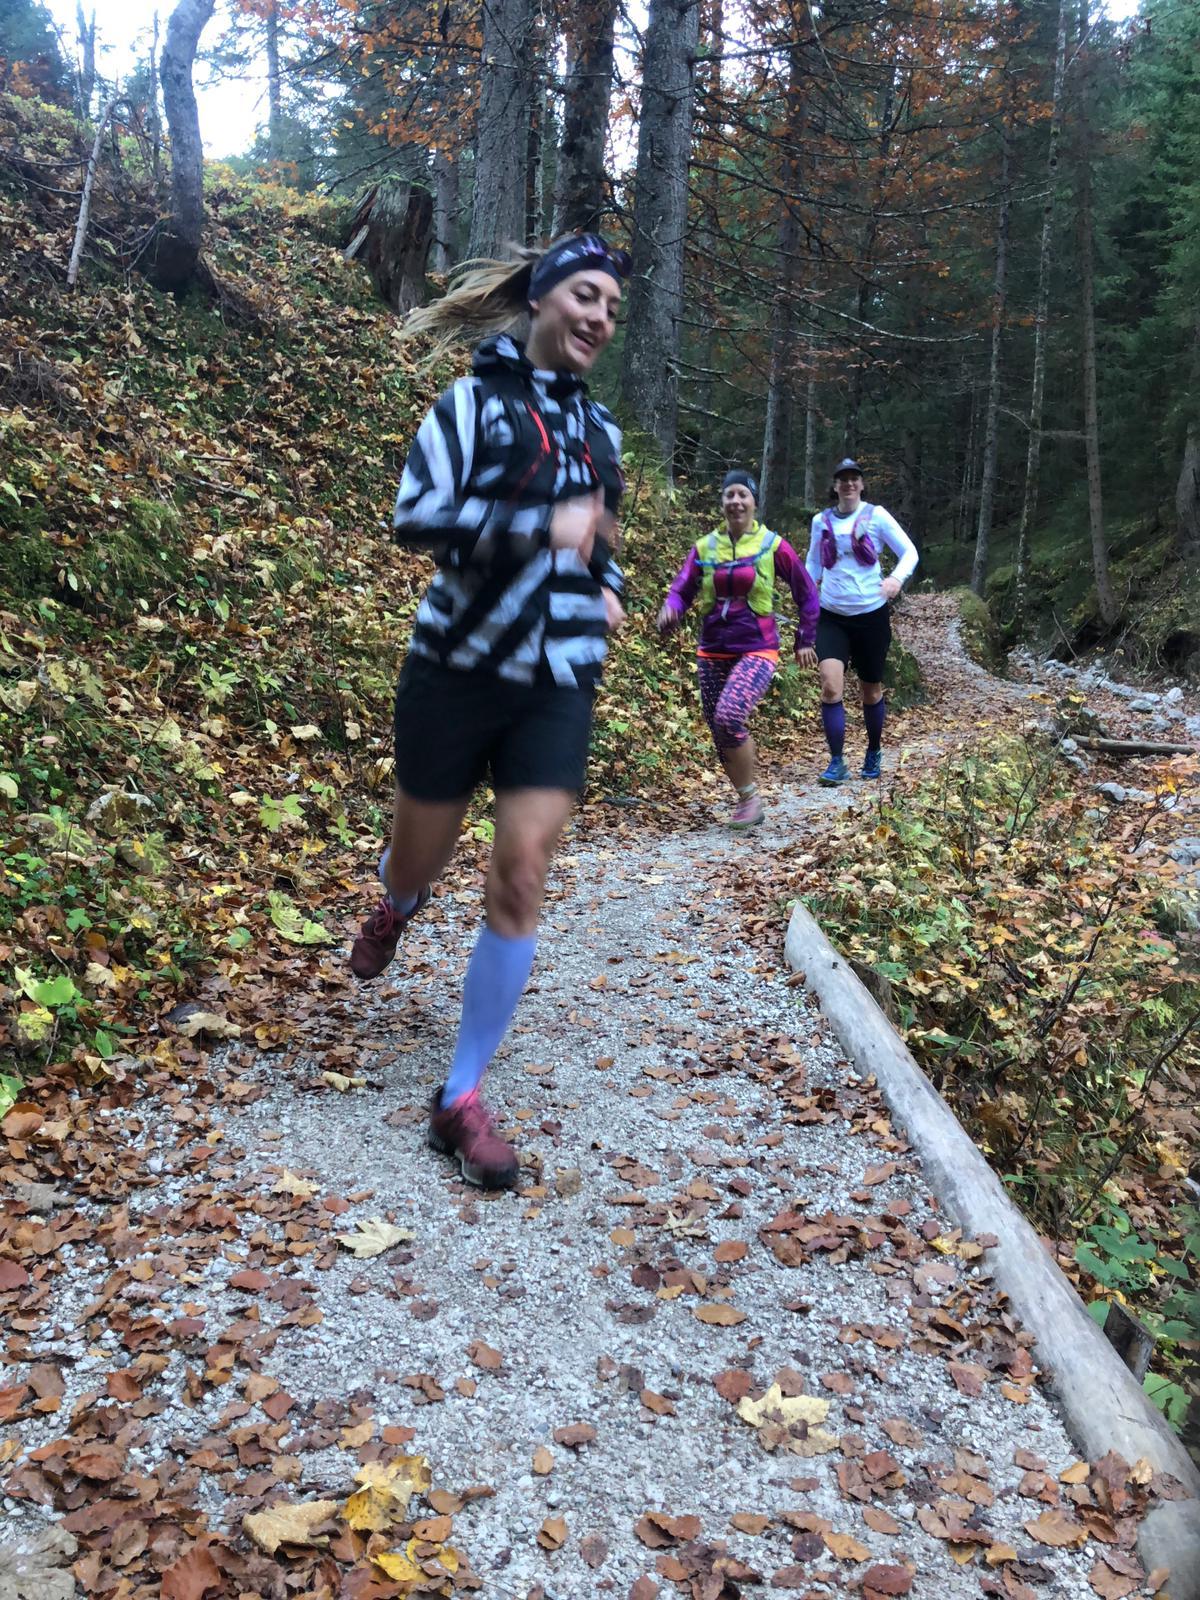 TrailrunningTirolerZugspitzArena-MunichMountainGirls- Laufen Action